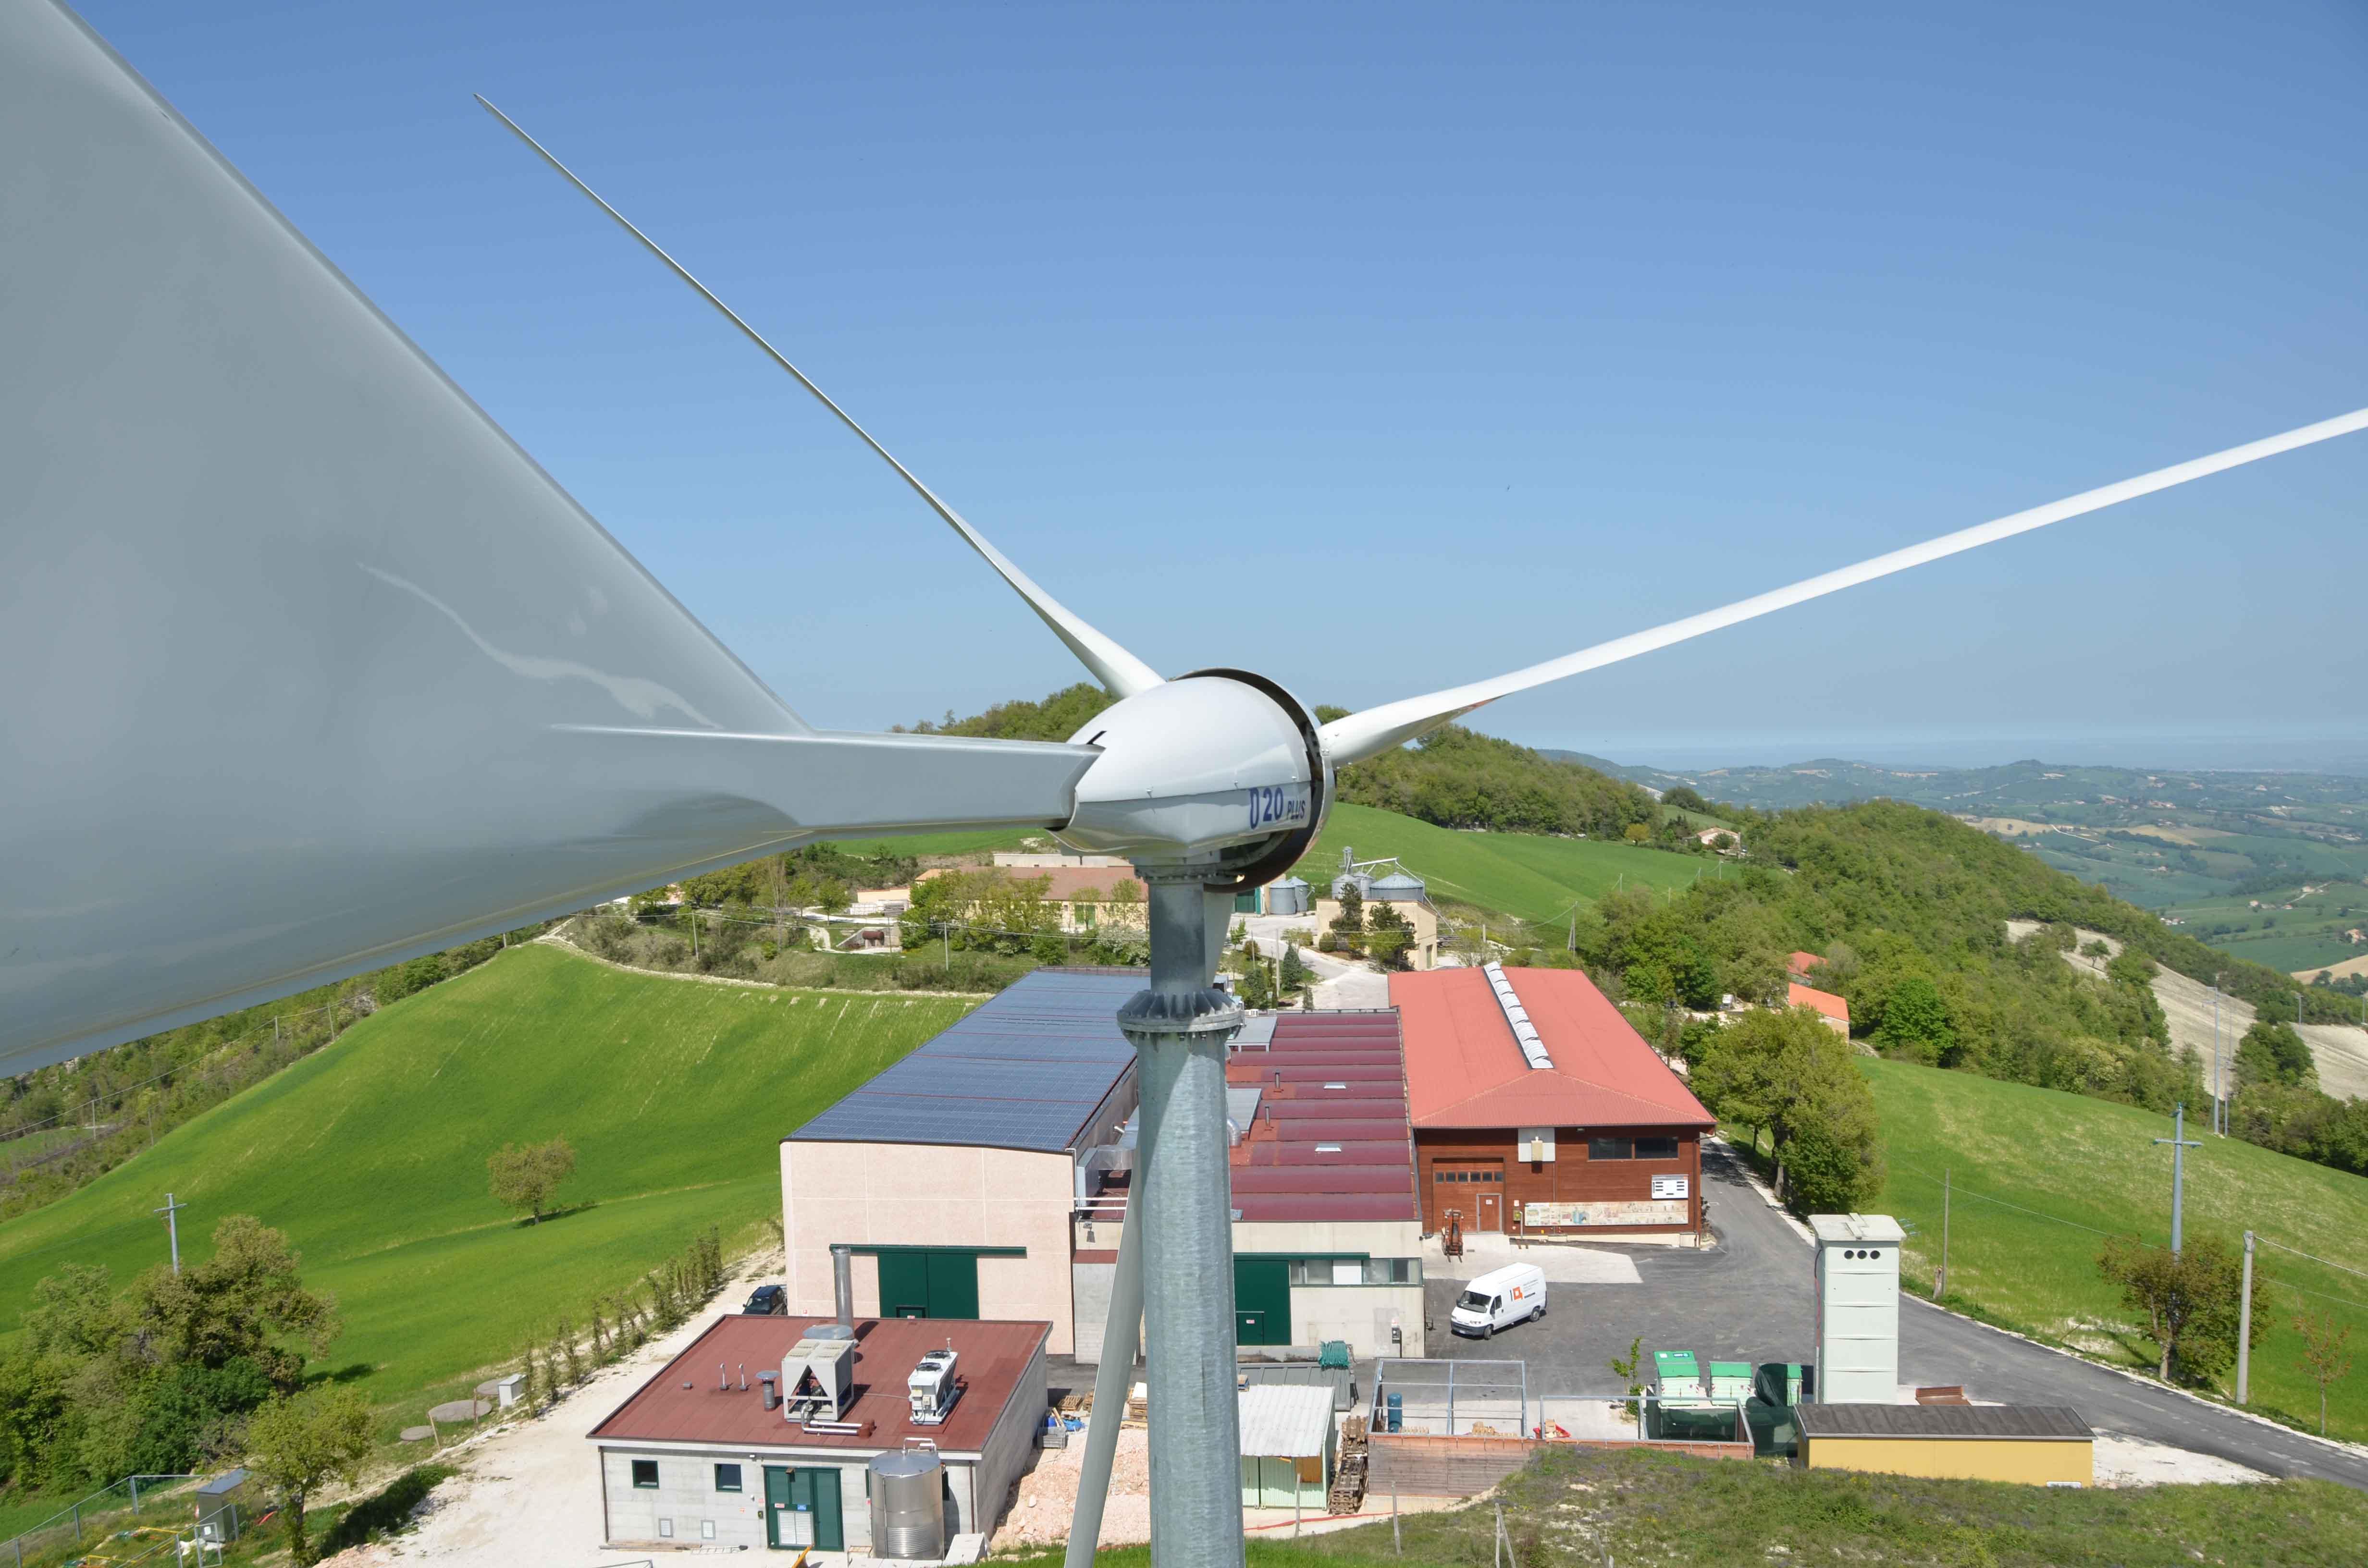 GIROLOMONI GREEN: SOLO ENERGIE RINNOVABILI PER AIUTARE L'AMBIENTE